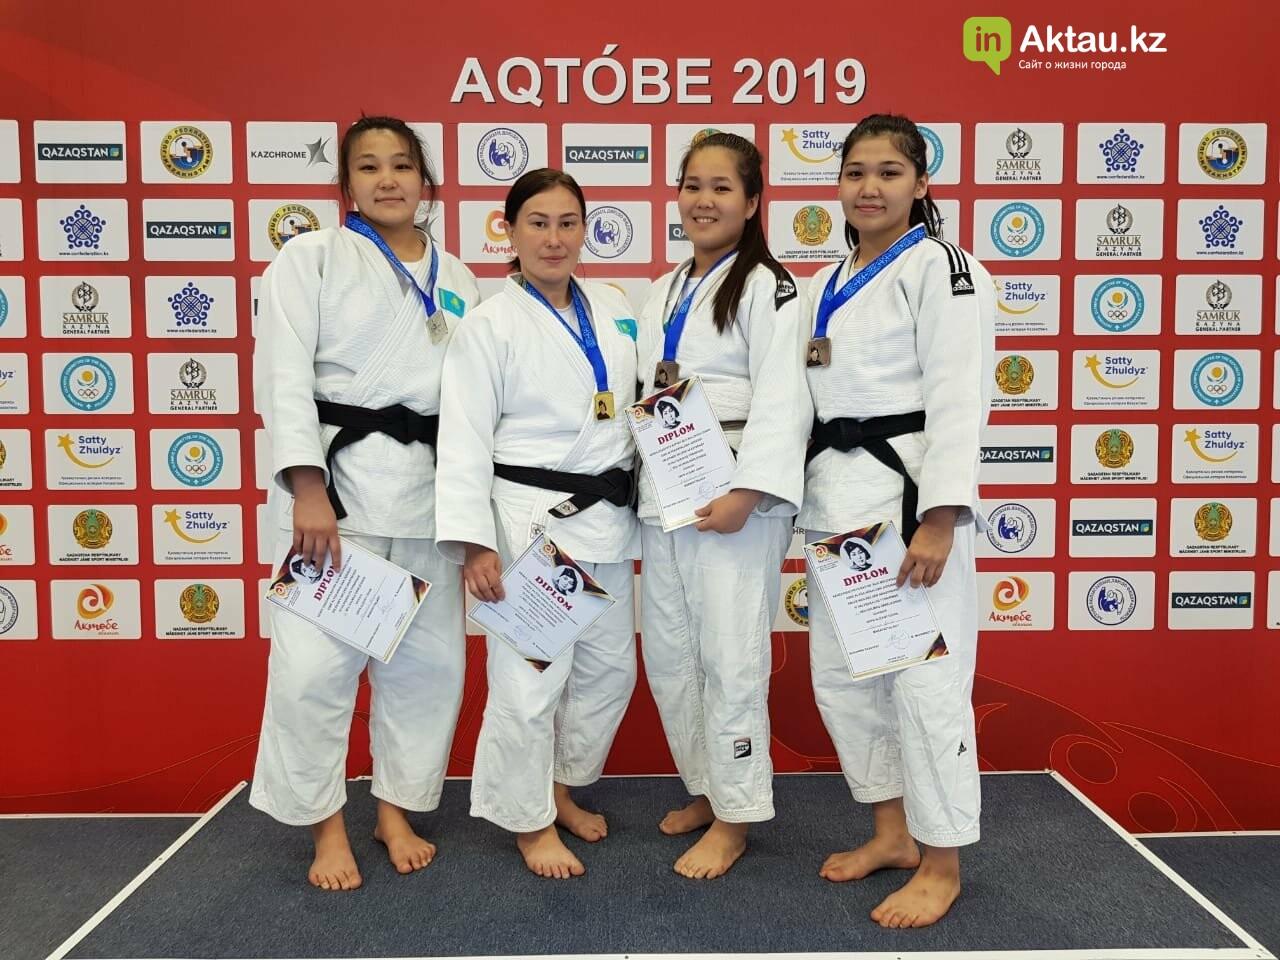 Четыре медали завоевали дзюдоисты из Мангистау на международном турнире, фото-1